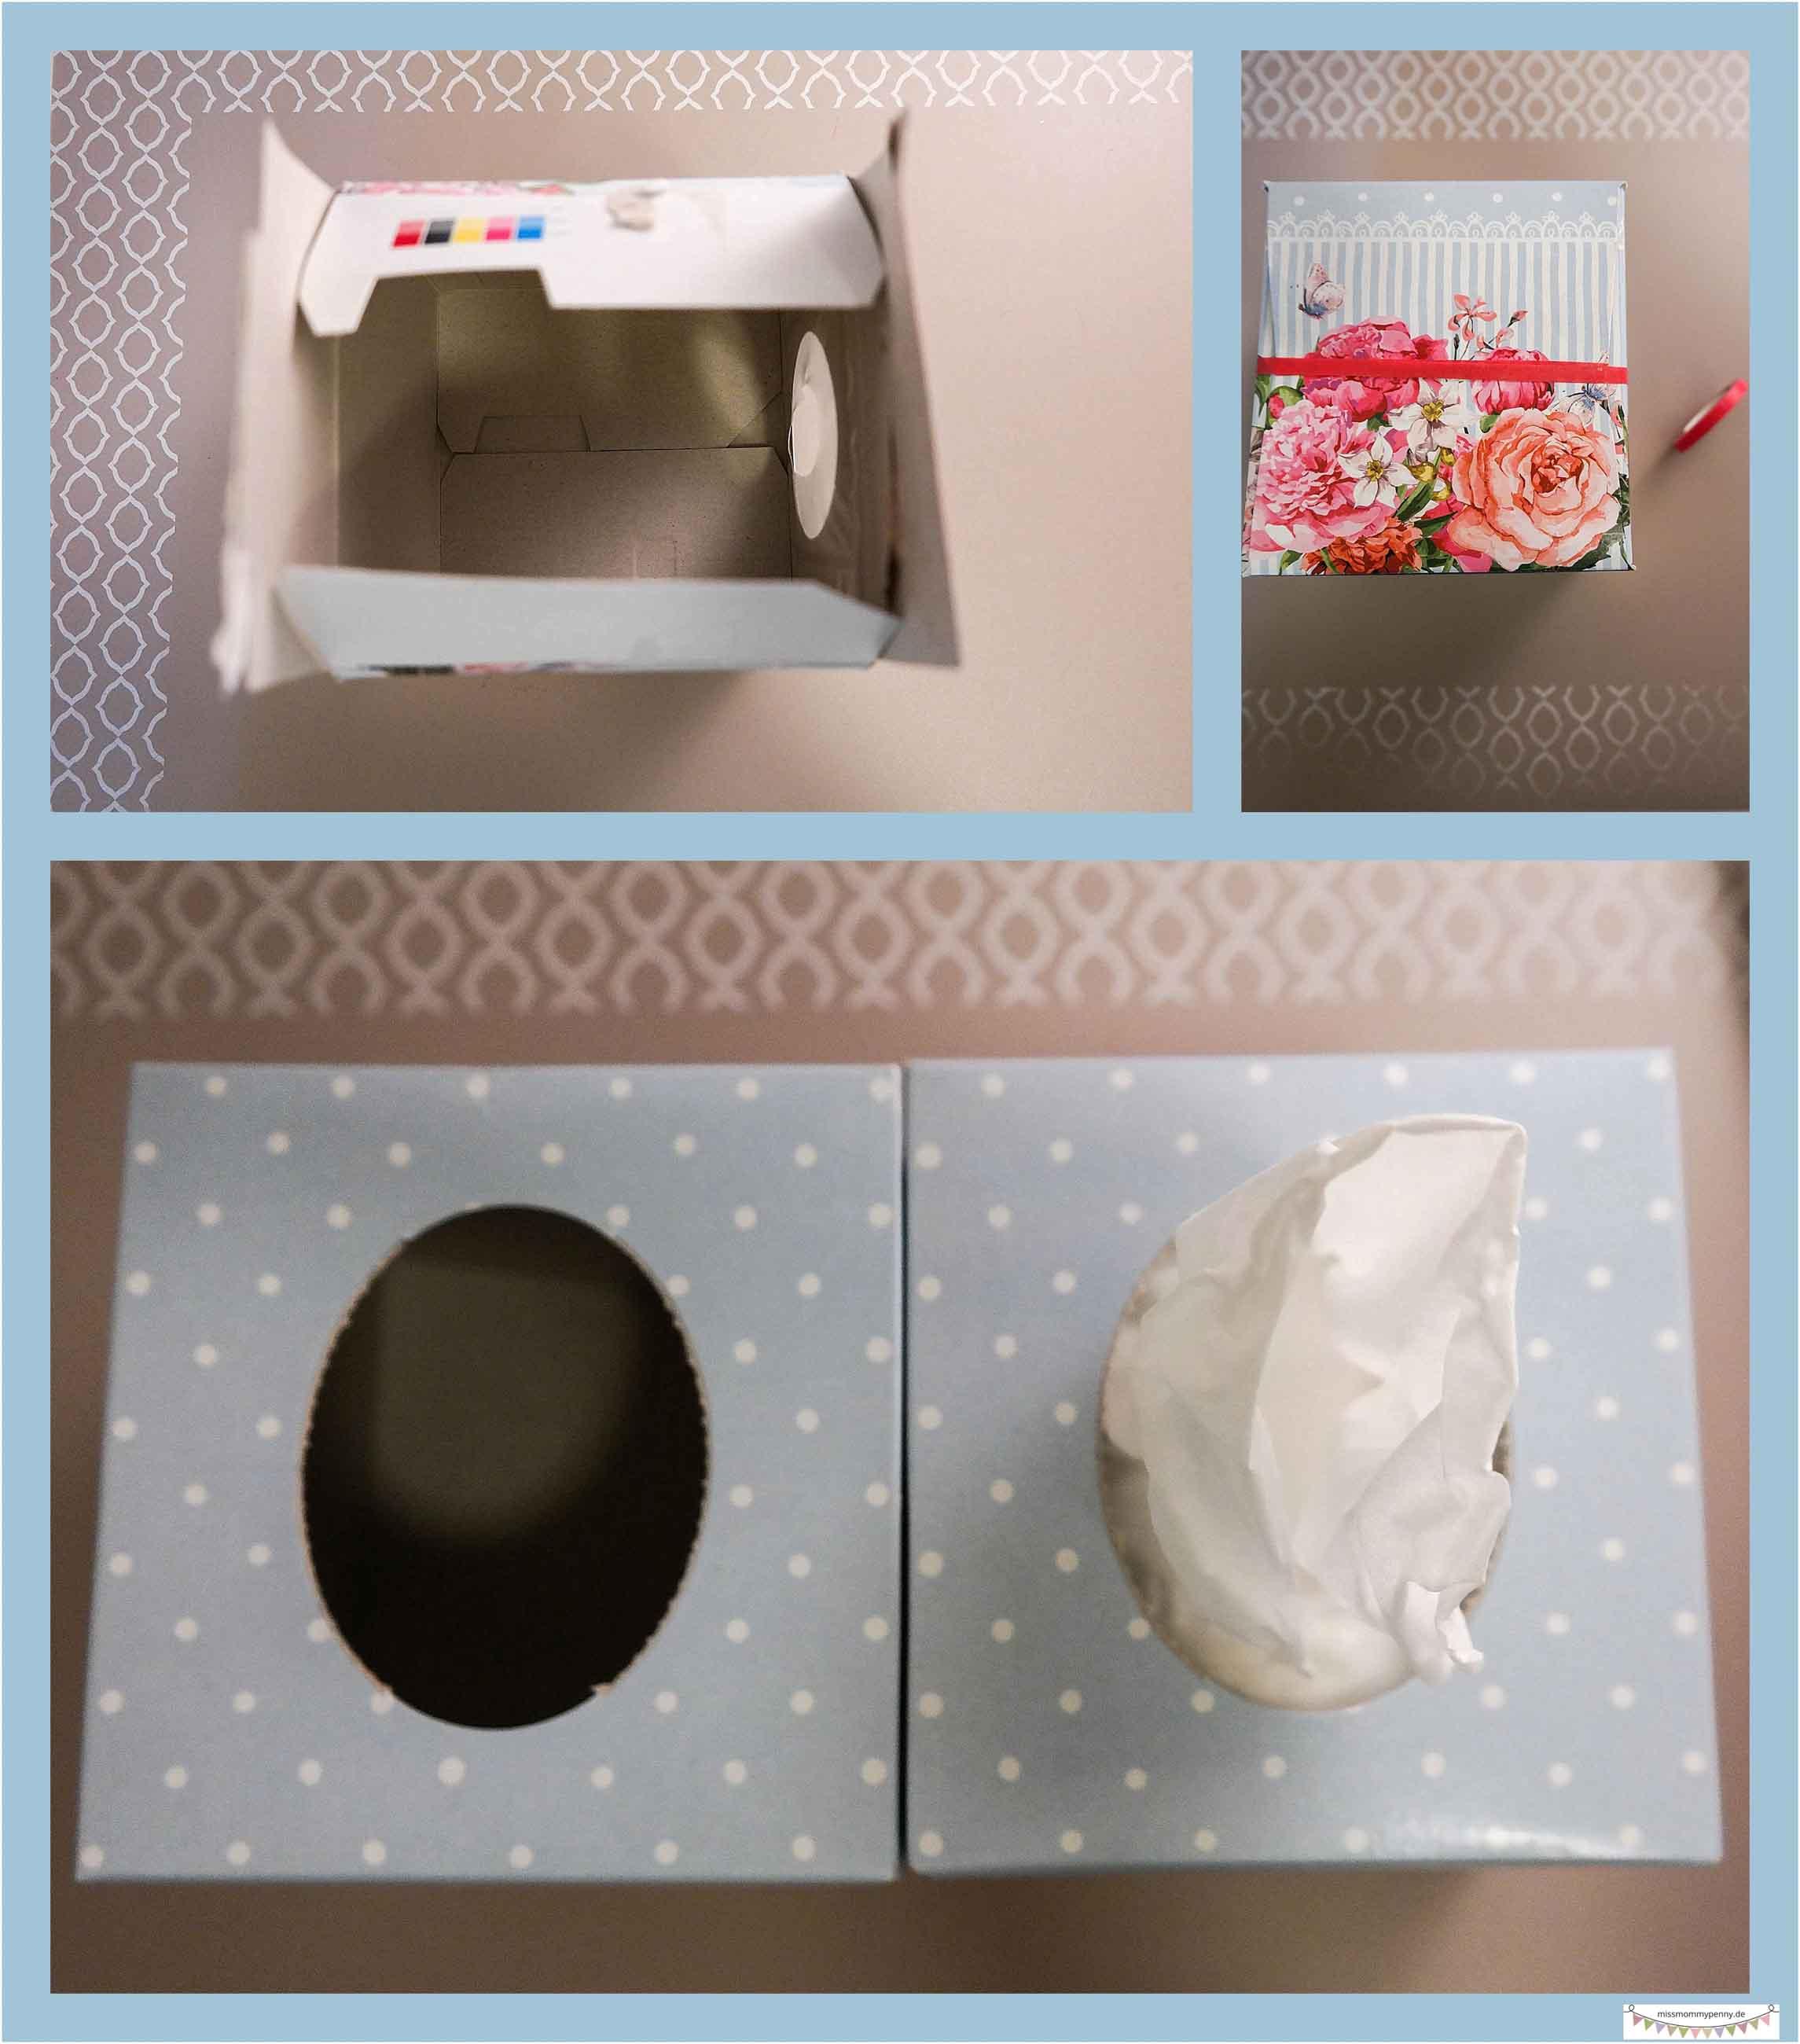 Taschentücher & Tipps bei Schnupfen